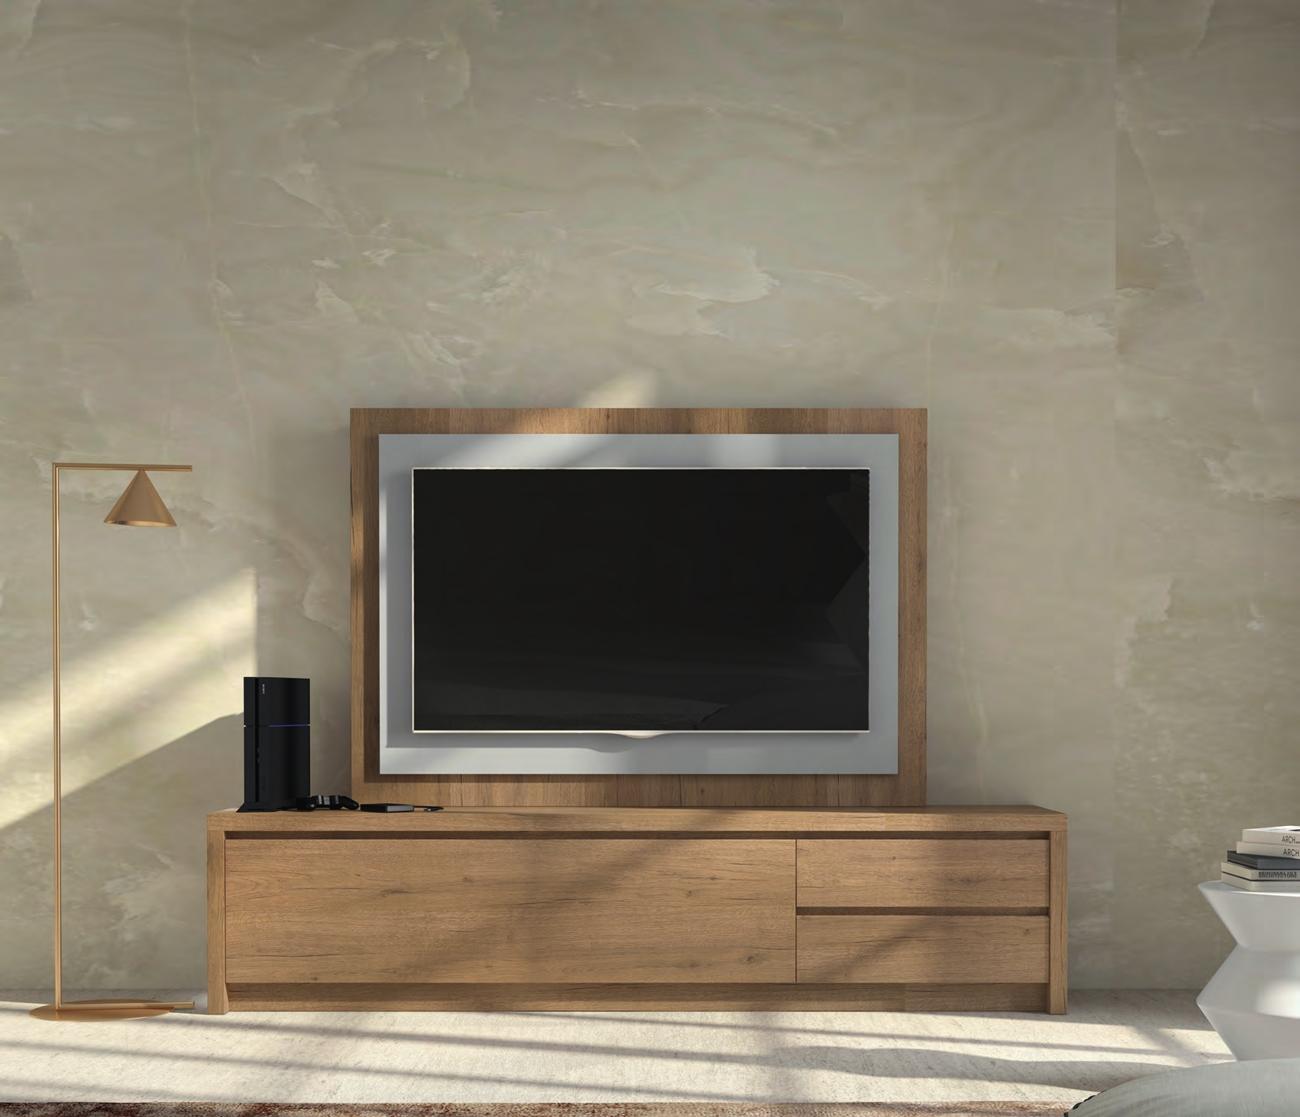 Mueble de TV D103C - Mueble de TV D103C, Mueble TV junto con panel TV